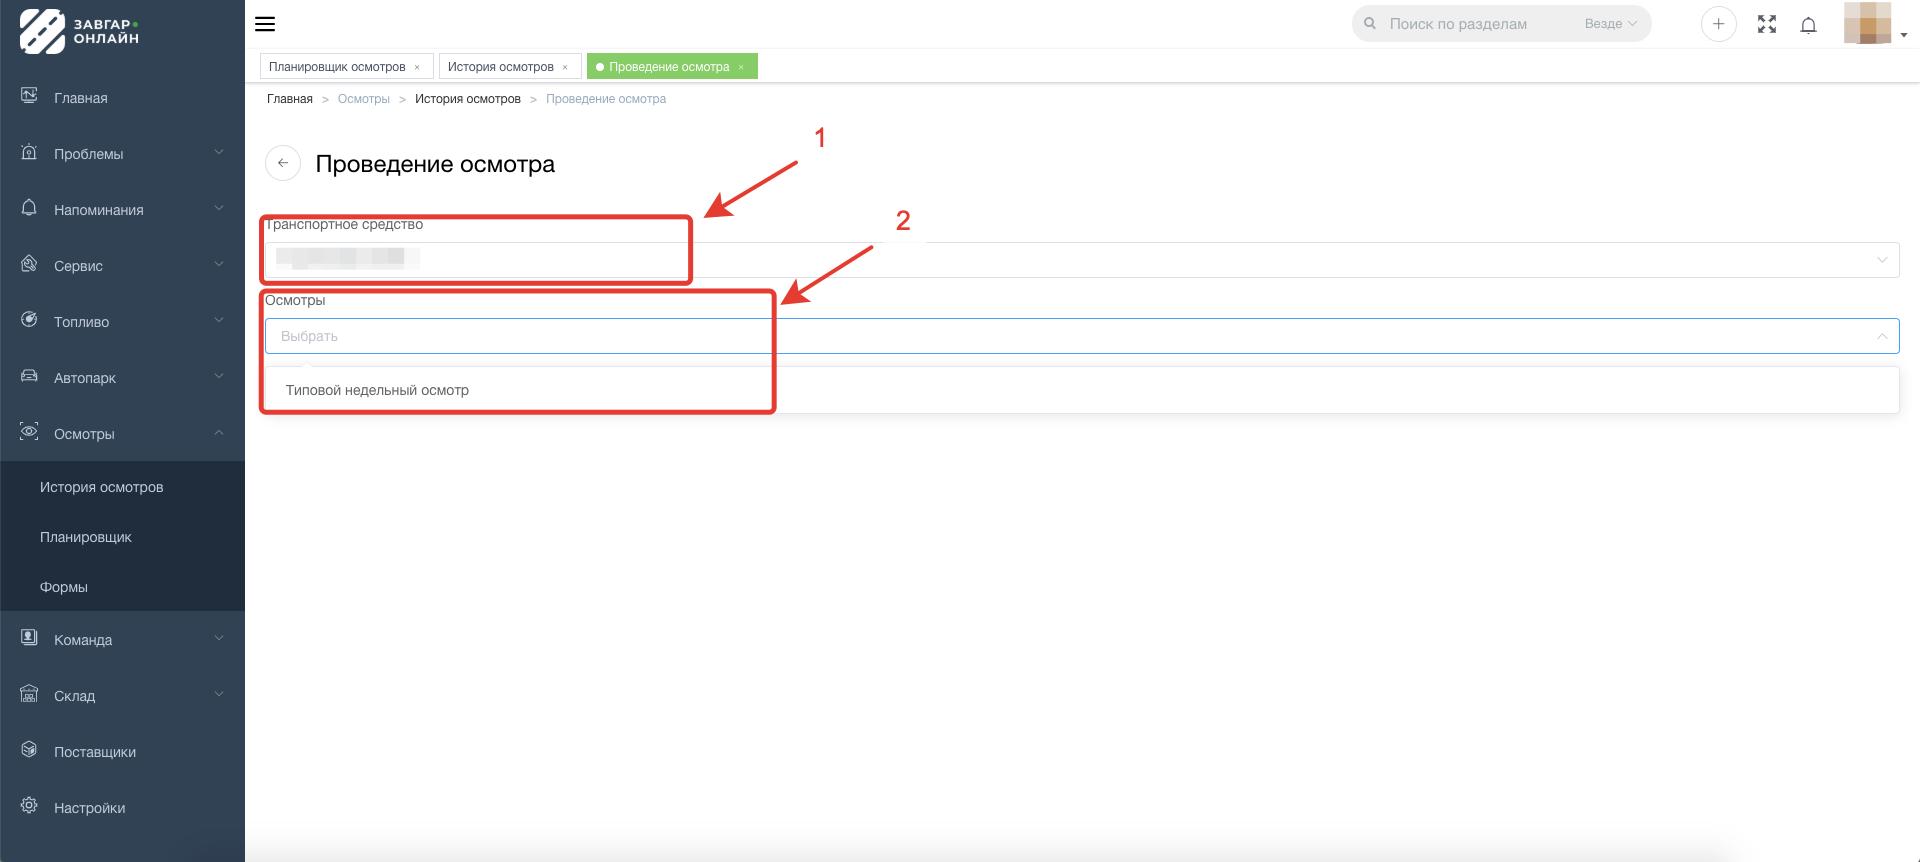 Веб-интерфейс Завгар Онлайн - прохождение электронного технического осмотра 2